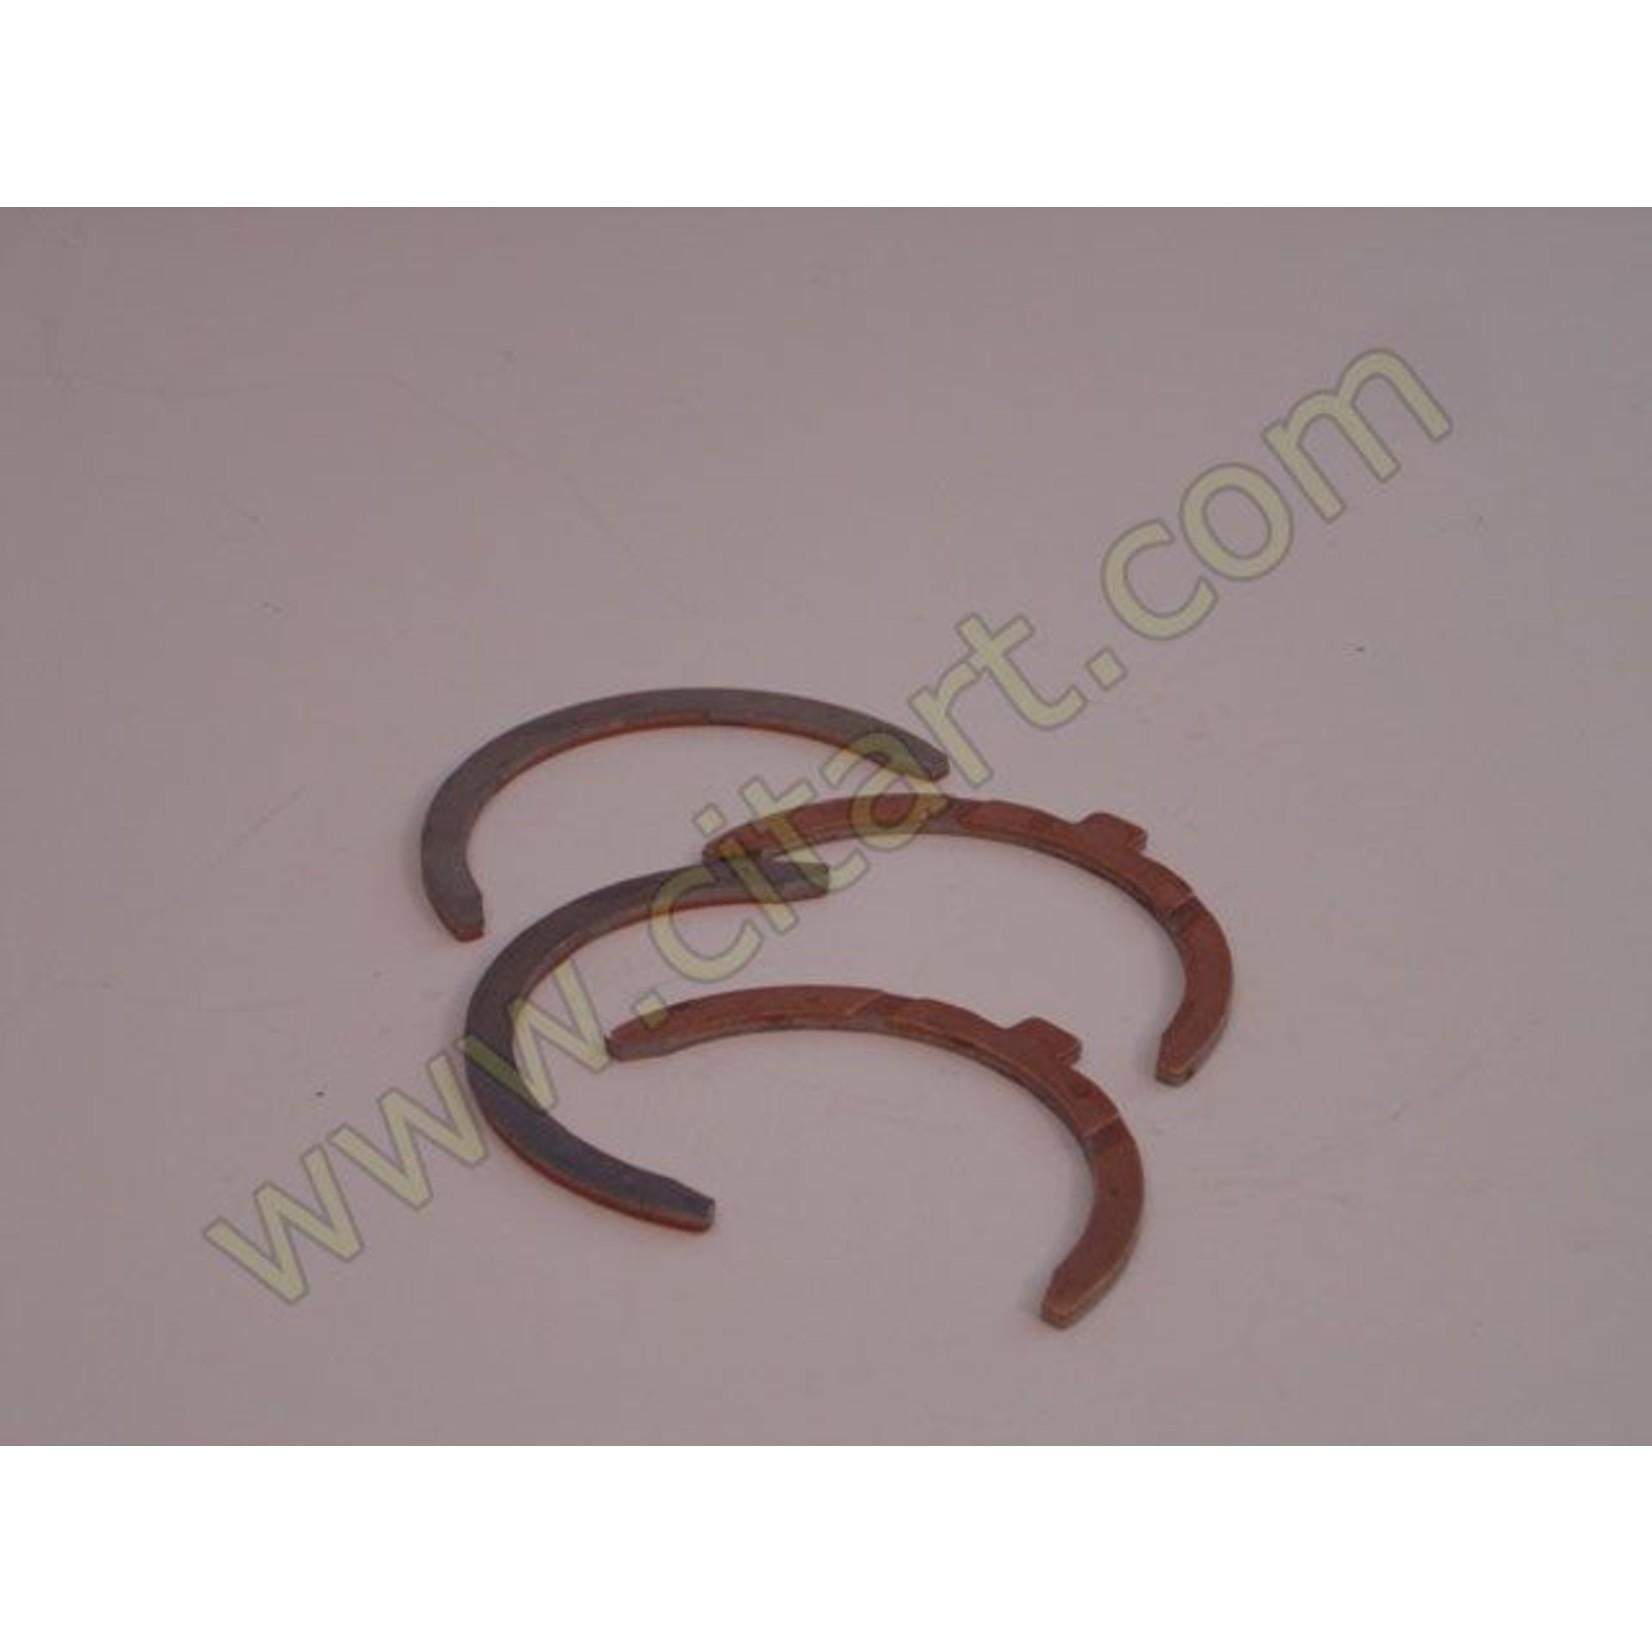 Half bearings crankshaft 66- Standard 3,12 5 paliers Nr Org: 5454678